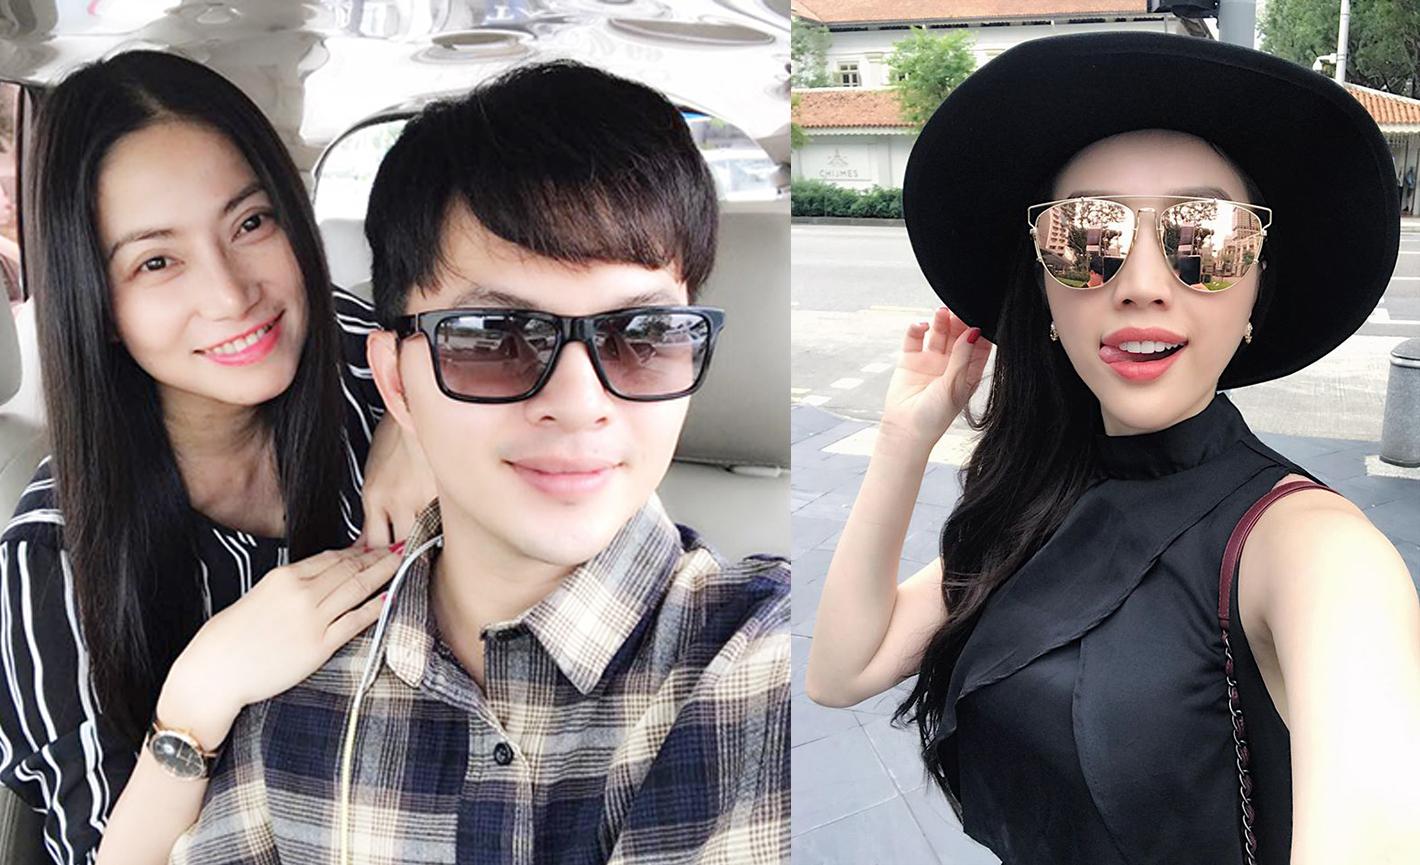 Ảnh đời thường qua Facebook của Sao Việt ngày 15/7